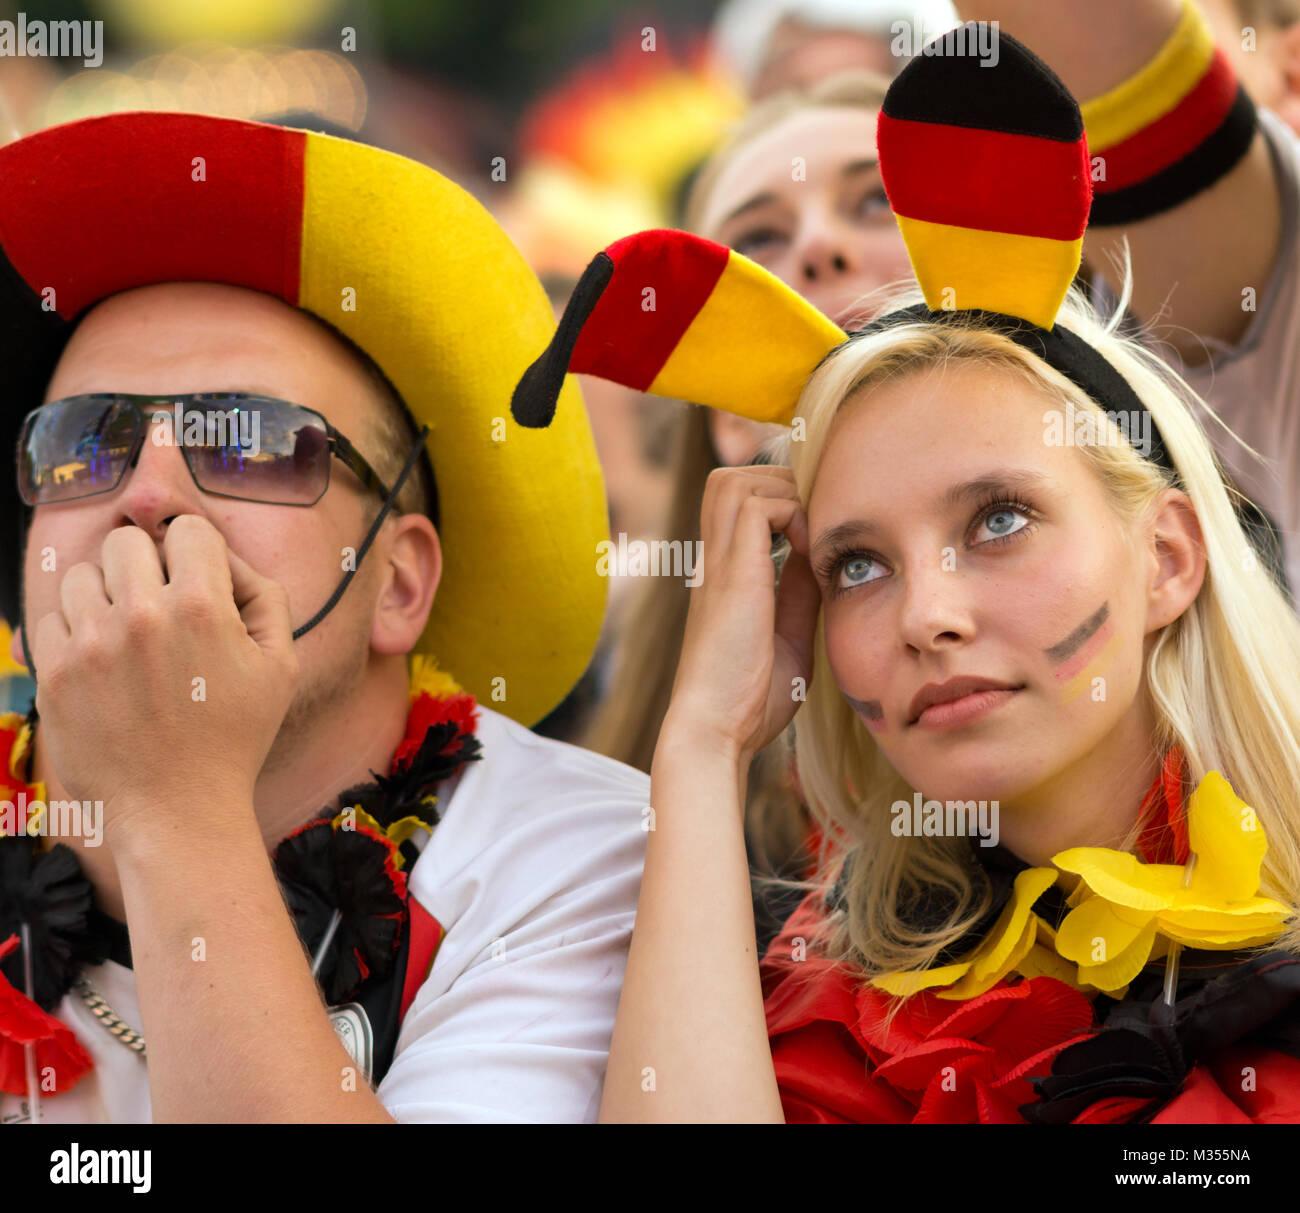 Fussballfans zittern mit der deutschen Fussballmanschat auf der Fanmeile zur Europameisterschaft 2012 Deutschland gegen Griechenland am Brandenburger Tor en Berlín. Foto de stock